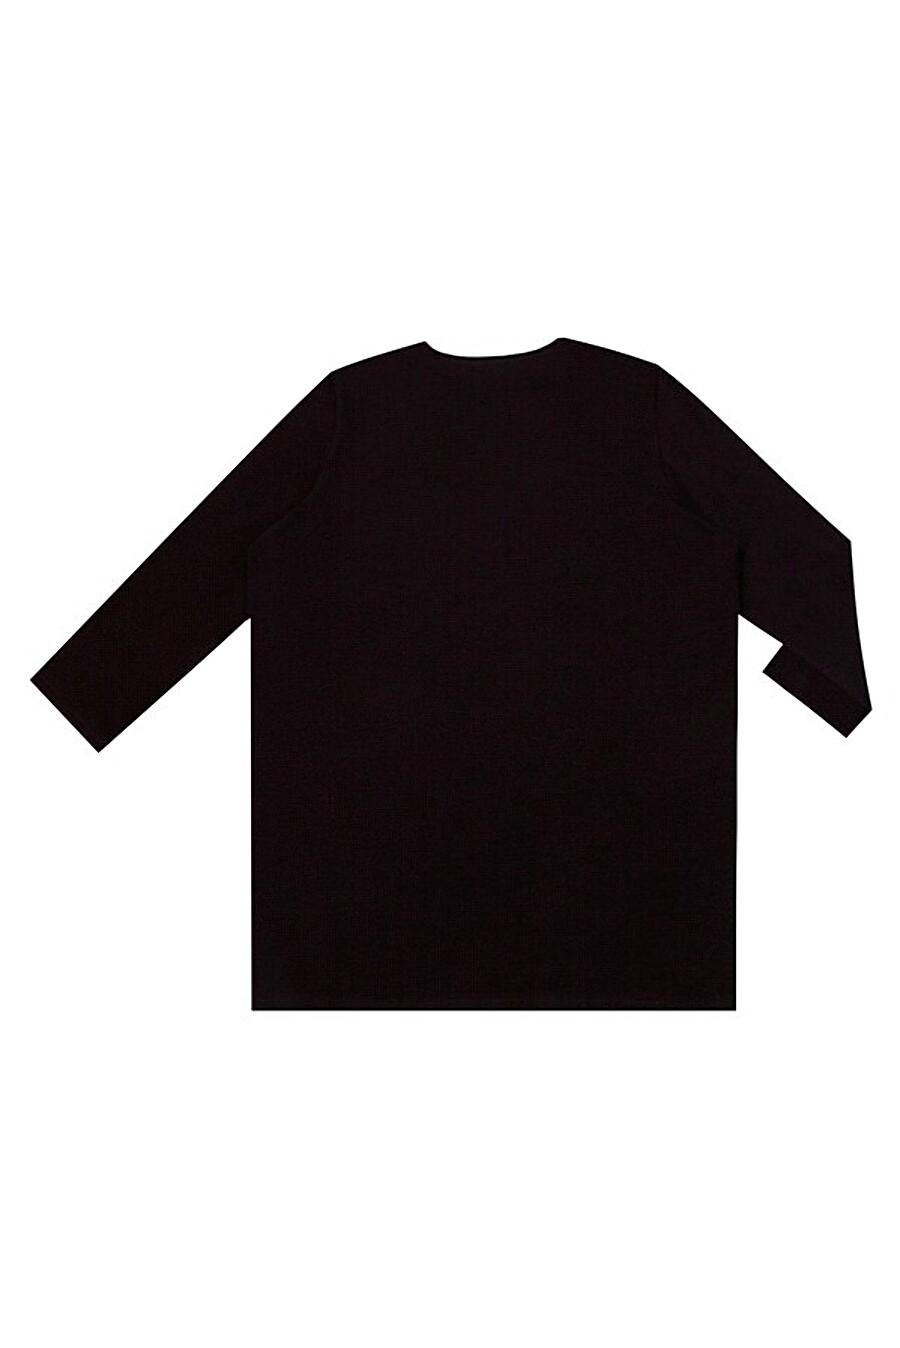 Лонгслив для женщин Archi 261107 купить оптом от производителя. Совместная покупка женской одежды в OptMoyo